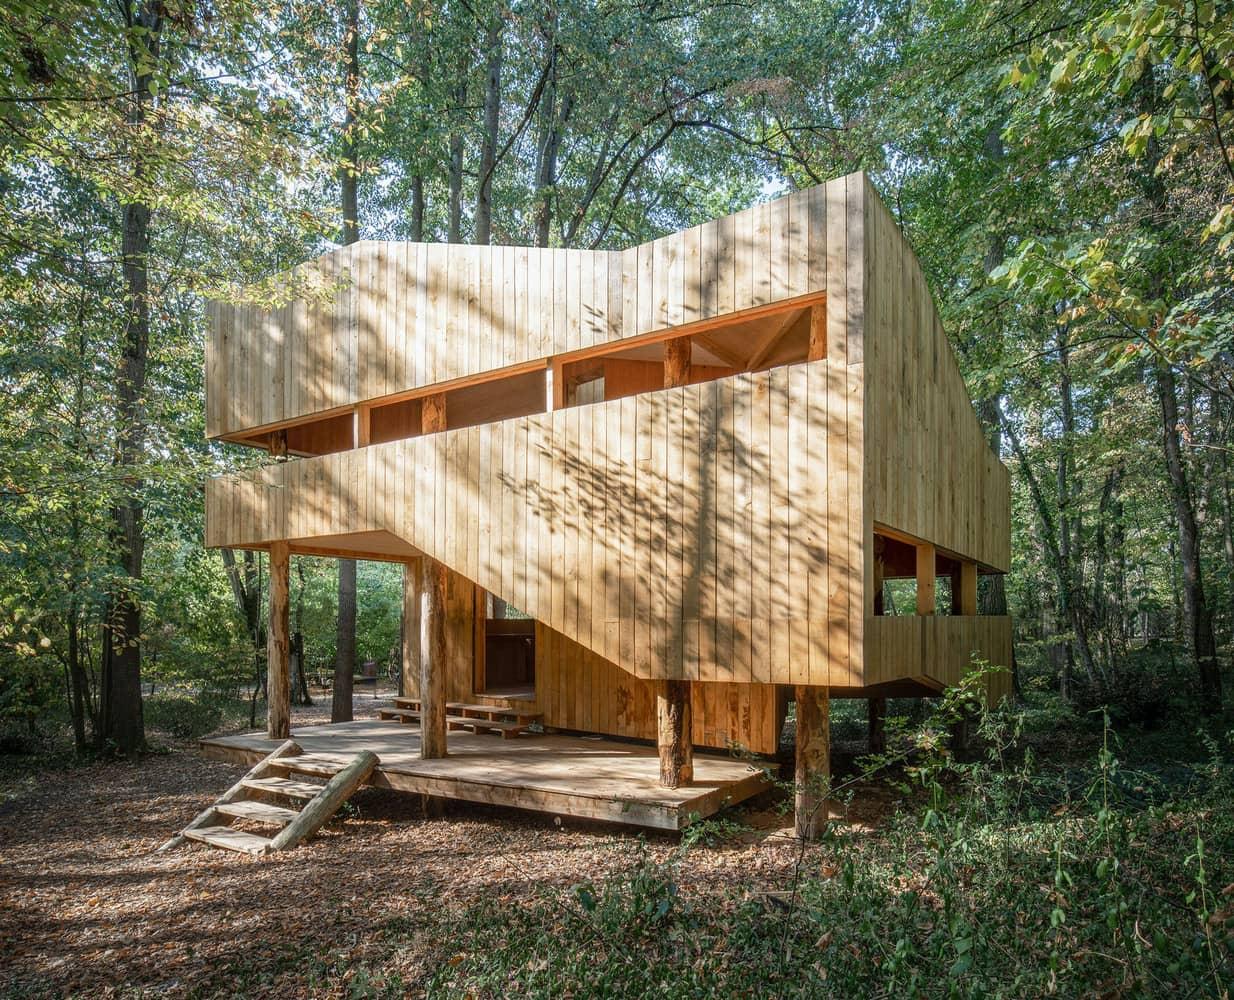 vanchoob-woodenhouse-l